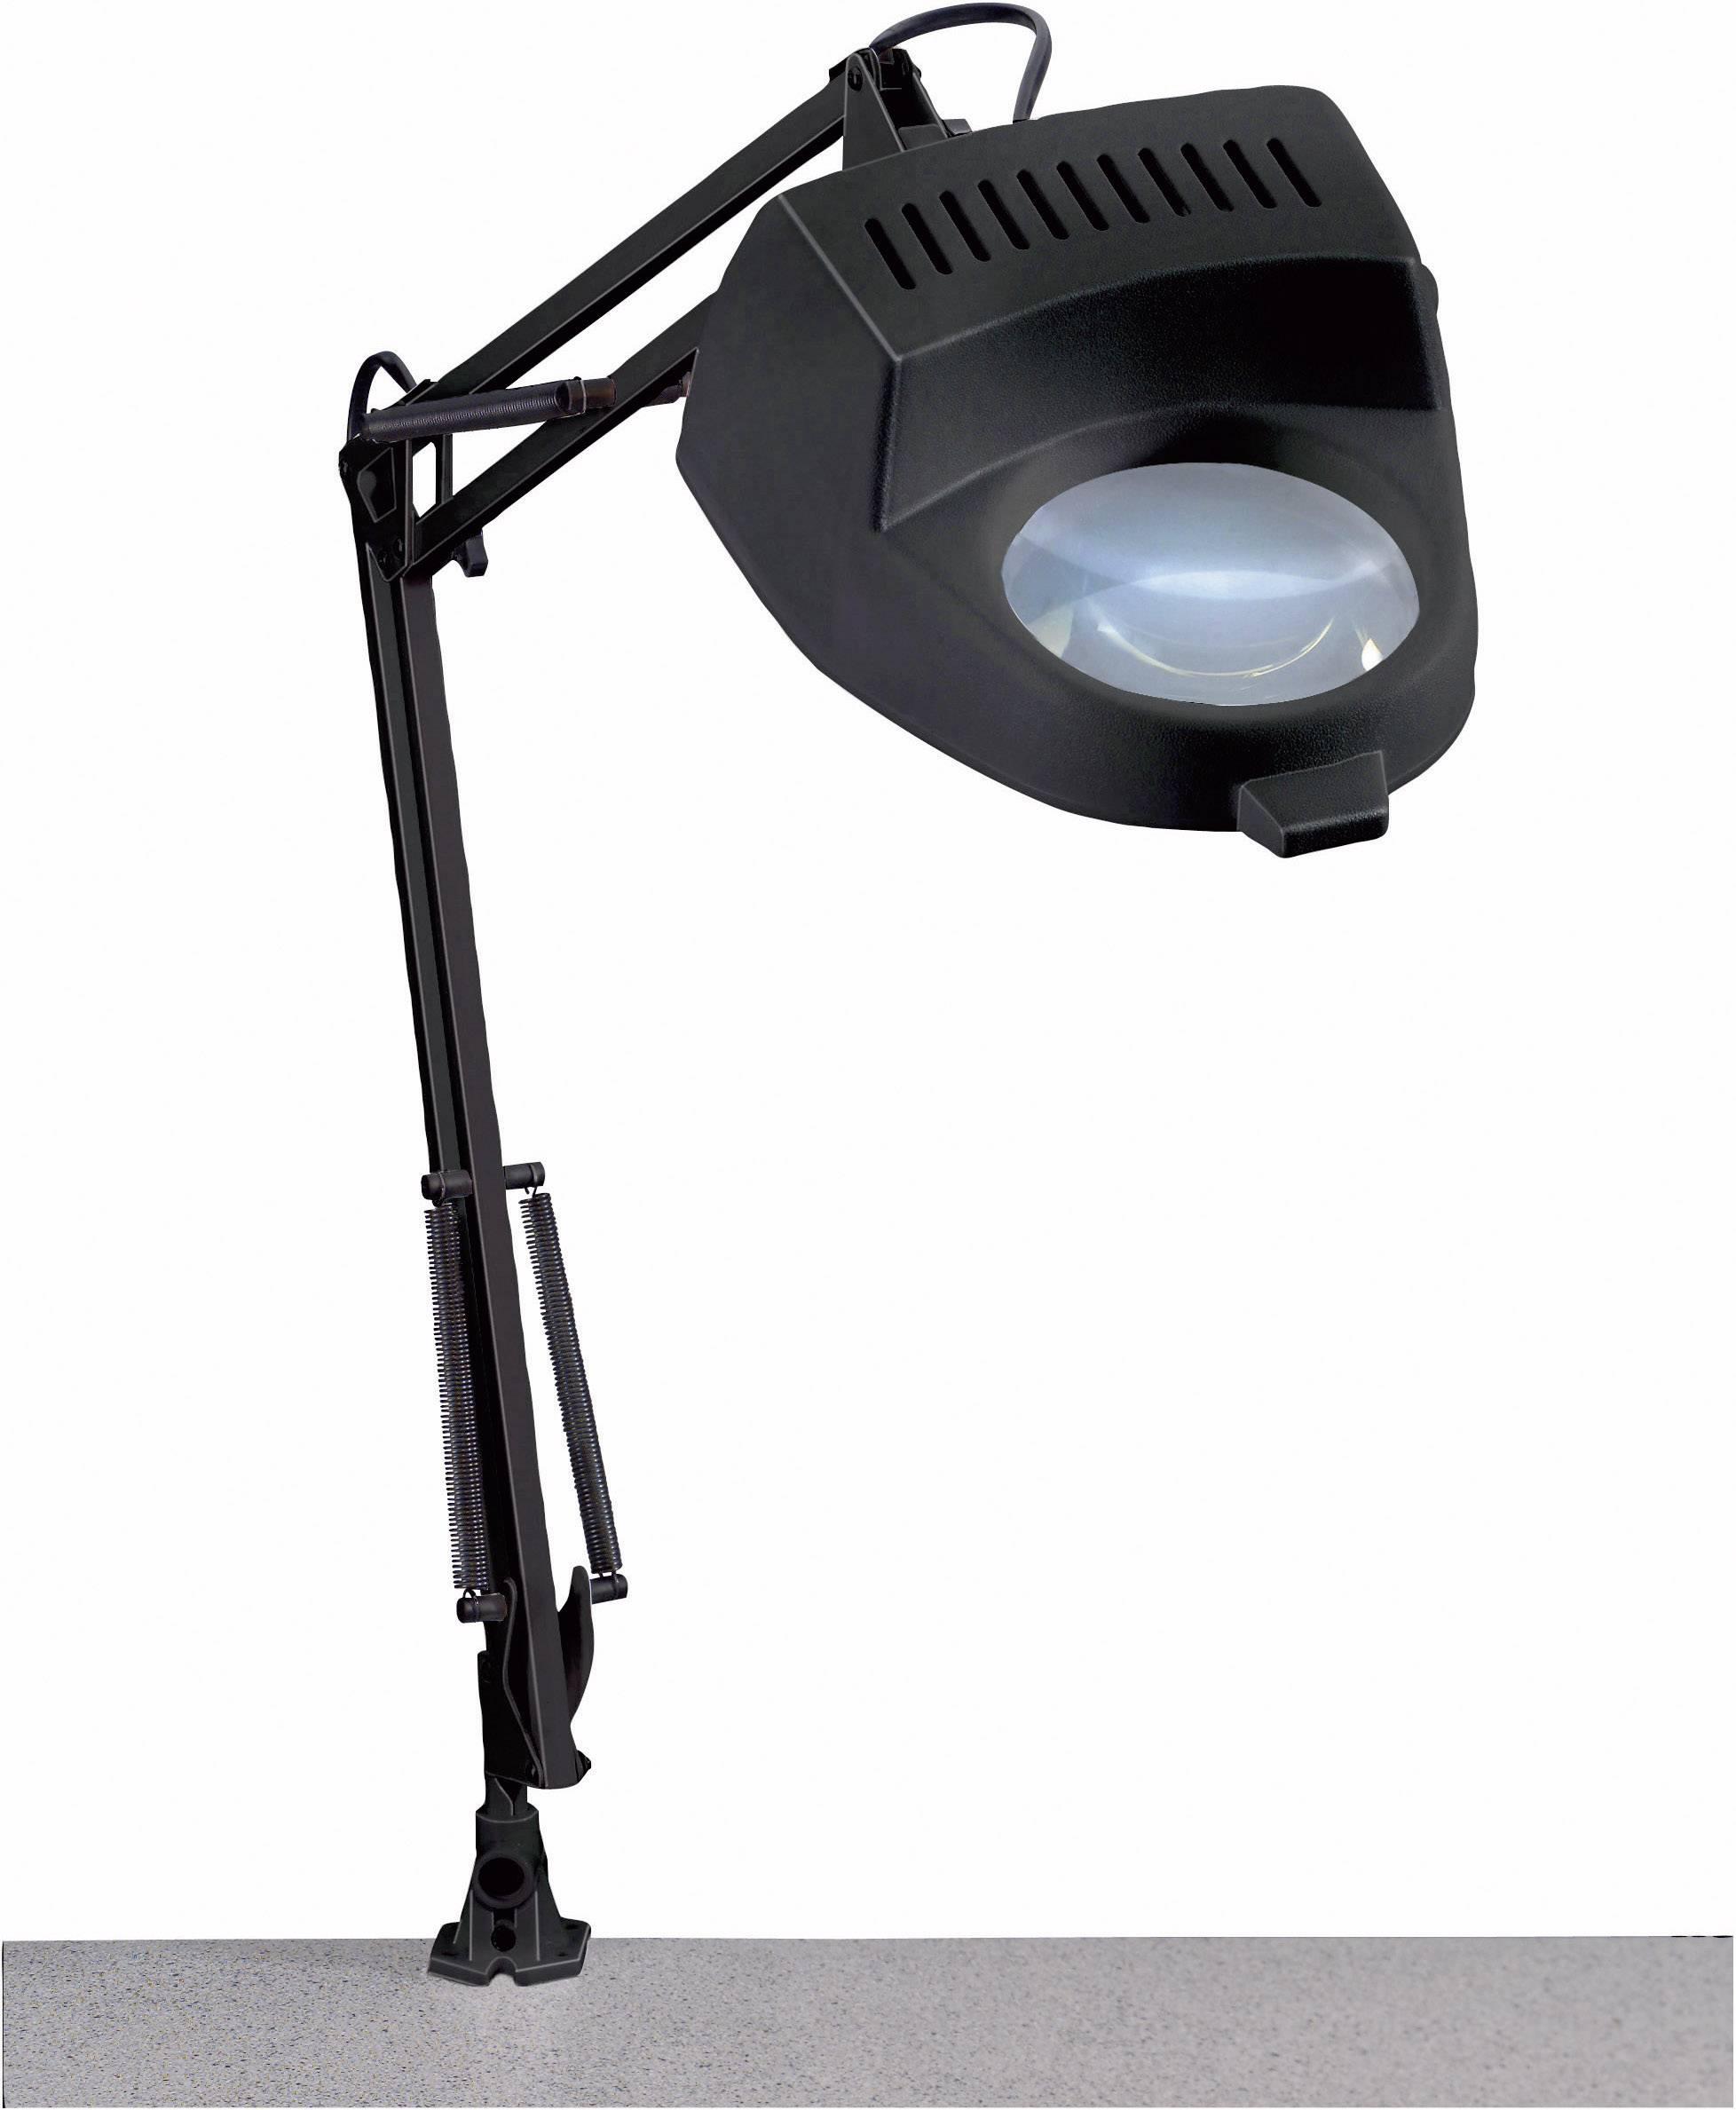 Stolná lupa s osvetlením TOOLCRAFT, 60 W, 4D